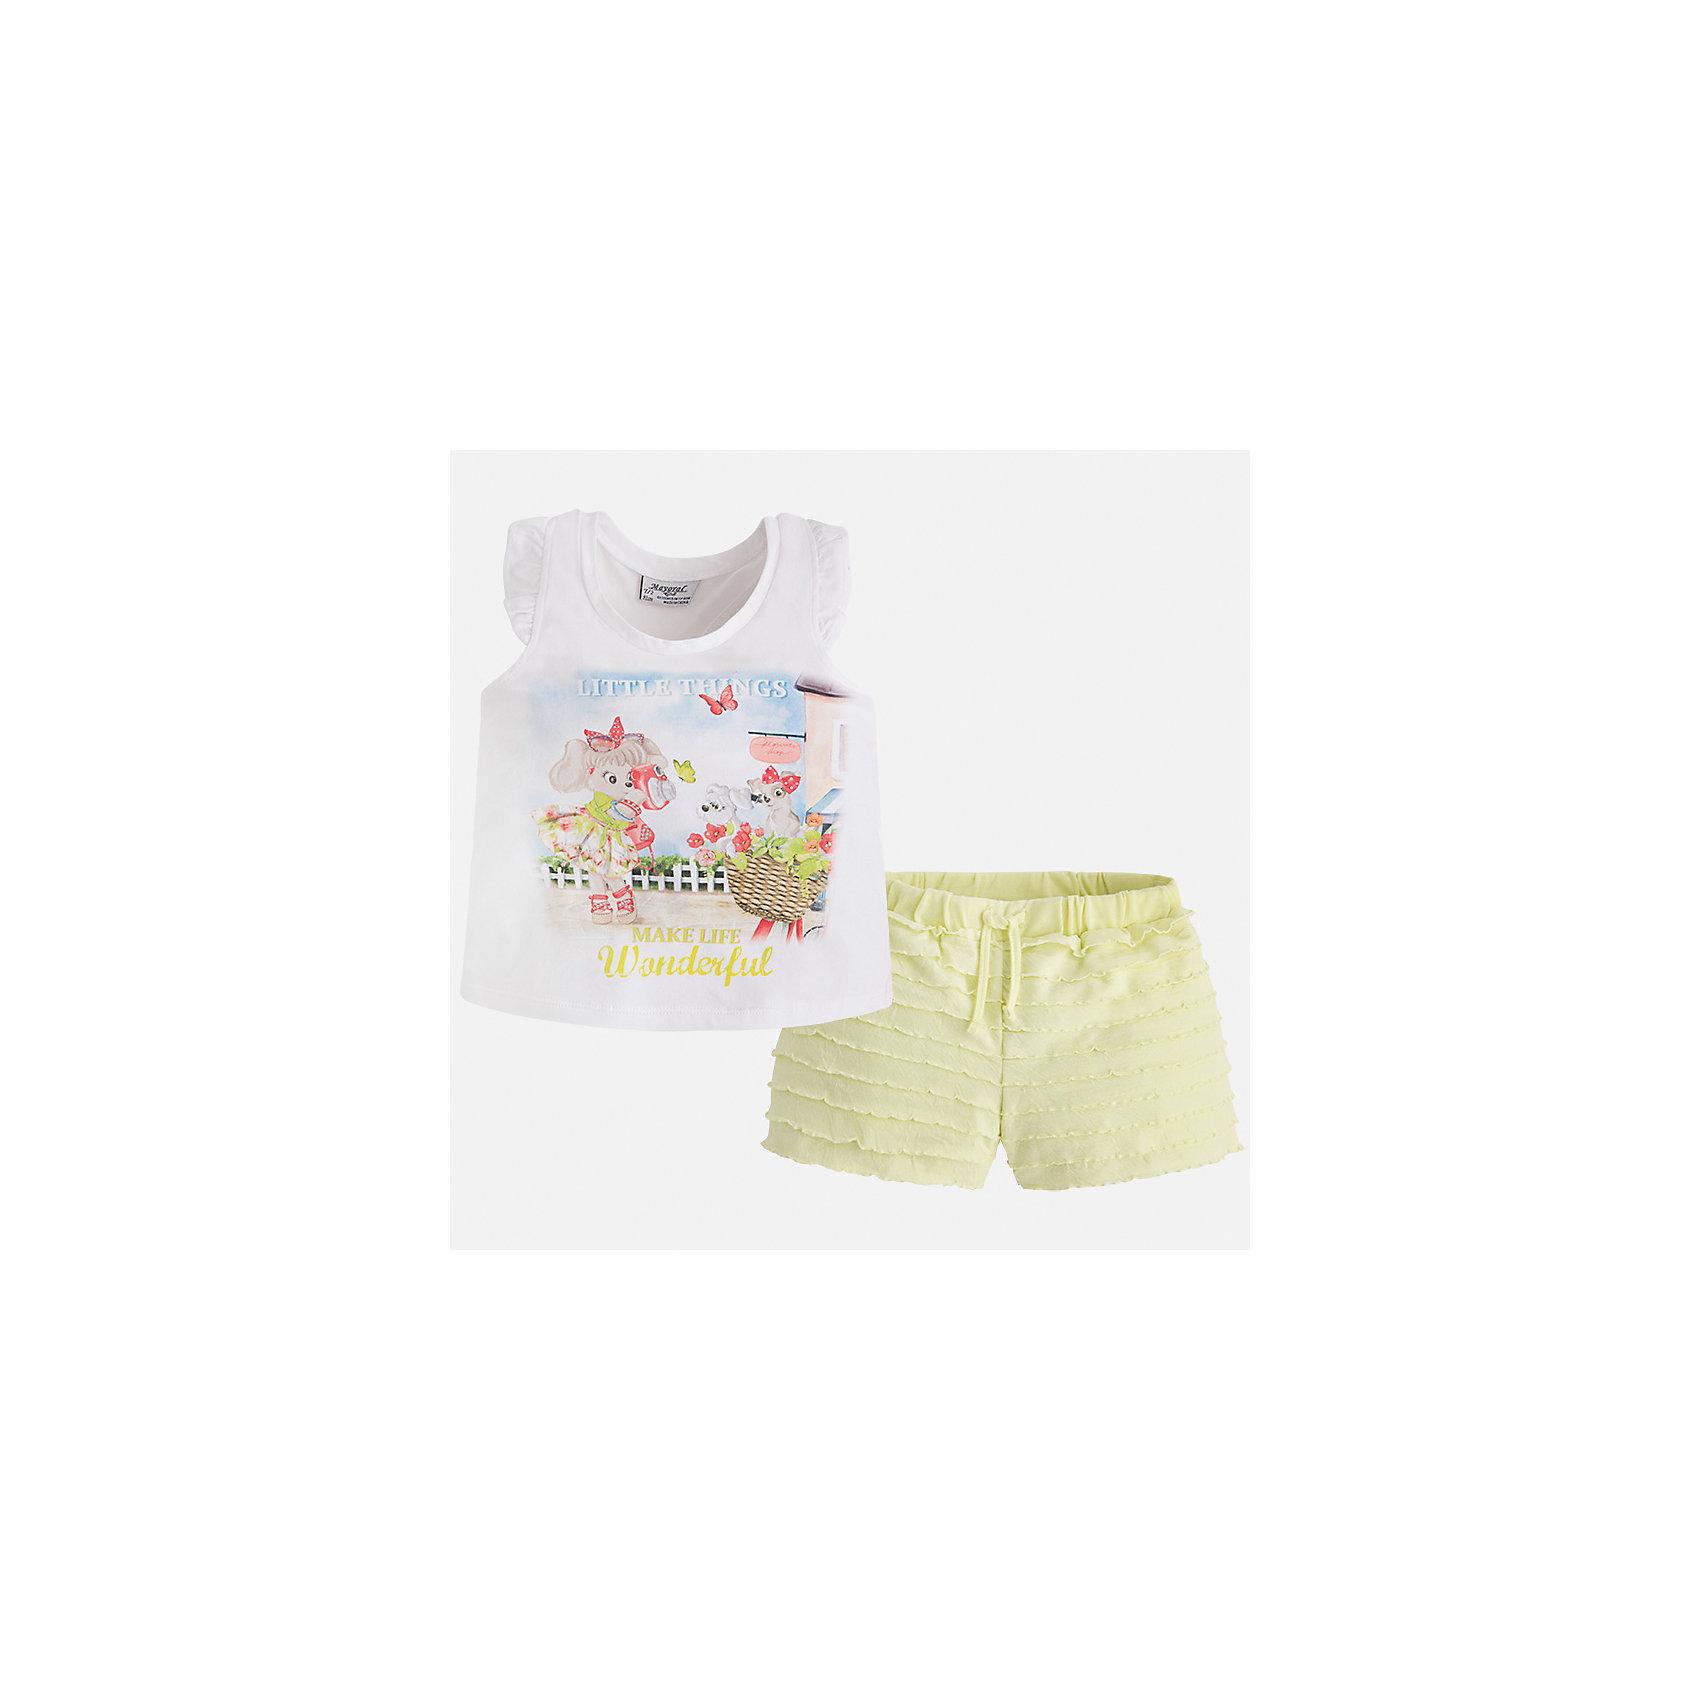 Комплект: футболка с длинным рукавом и шорты для девочки MayoralКомплекты<br>Характеристики товара:<br><br>• цвет: белый/жёлтый<br>• состав: 95% хлопок, 5% эластан<br>• комплектация: футболка, шорты<br>• футболка декорирована принтом<br>• шорты с оборками<br>• пояс на шнурке<br>• страна бренда: Испания<br><br>Модный красивый комплект для девочки поможет разнообразить гардероб ребенка и удобно одеться в теплую погоду. Он отлично сочетается с другими предметами. Интересная отделка модели делает её нарядной и оригинальной. В составе материала - натуральный хлопок, гипоаллергенный, приятный на ощупь, дышащий.<br><br>Комплект для девочки от испанского бренда Mayoral (Майорал) можно купить в нашем интернет-магазине.<br><br>Ширина мм: 191<br>Глубина мм: 10<br>Высота мм: 175<br>Вес г: 273<br>Цвет: желтый<br>Возраст от месяцев: 60<br>Возраст до месяцев: 72<br>Пол: Женский<br>Возраст: Детский<br>Размер: 116,92,98,104,110<br>SKU: 5289917